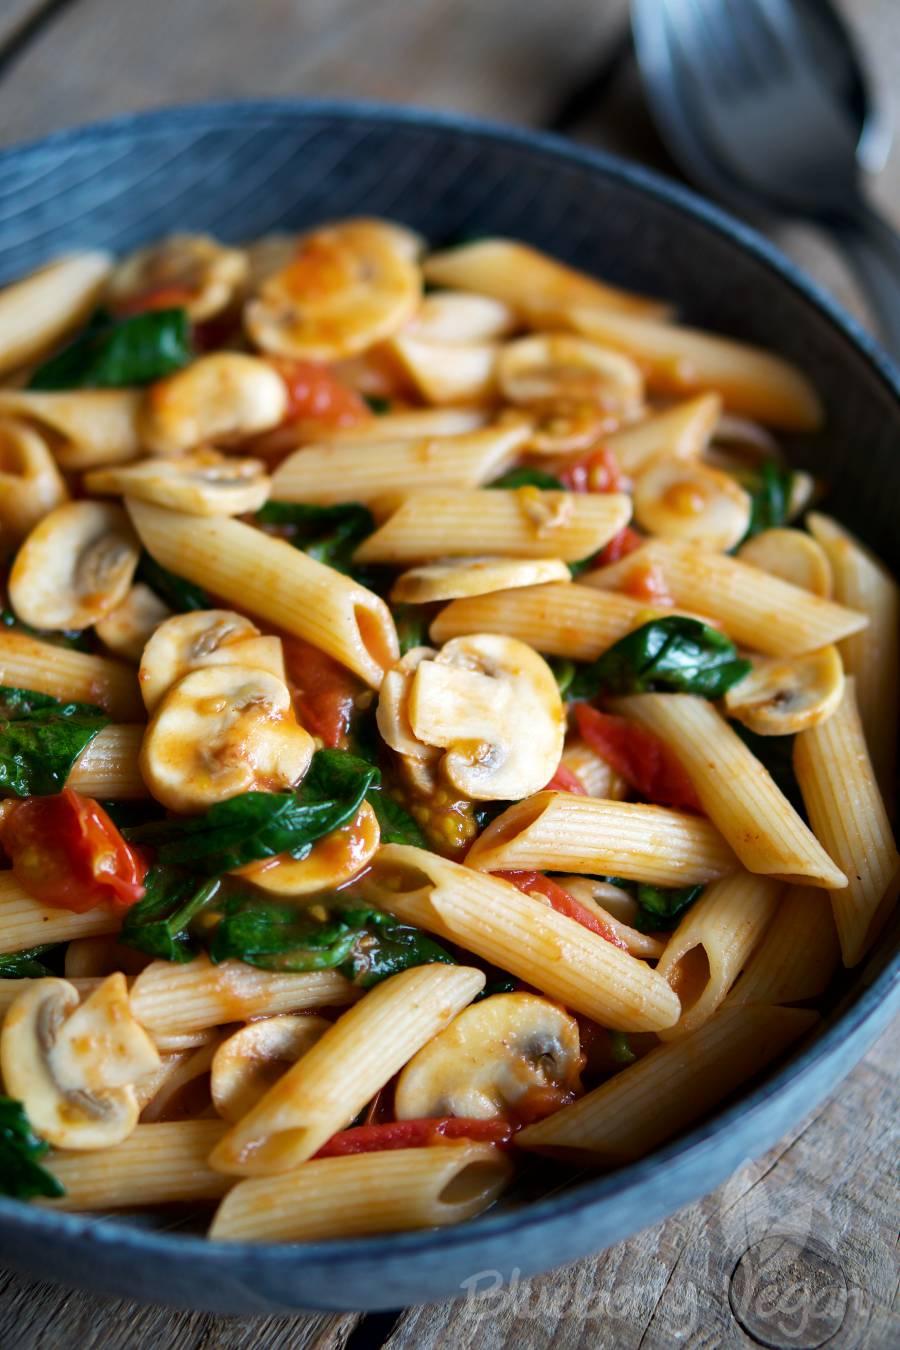 Schnelle Pasta mit Tomaten, Pilzen und Spinat